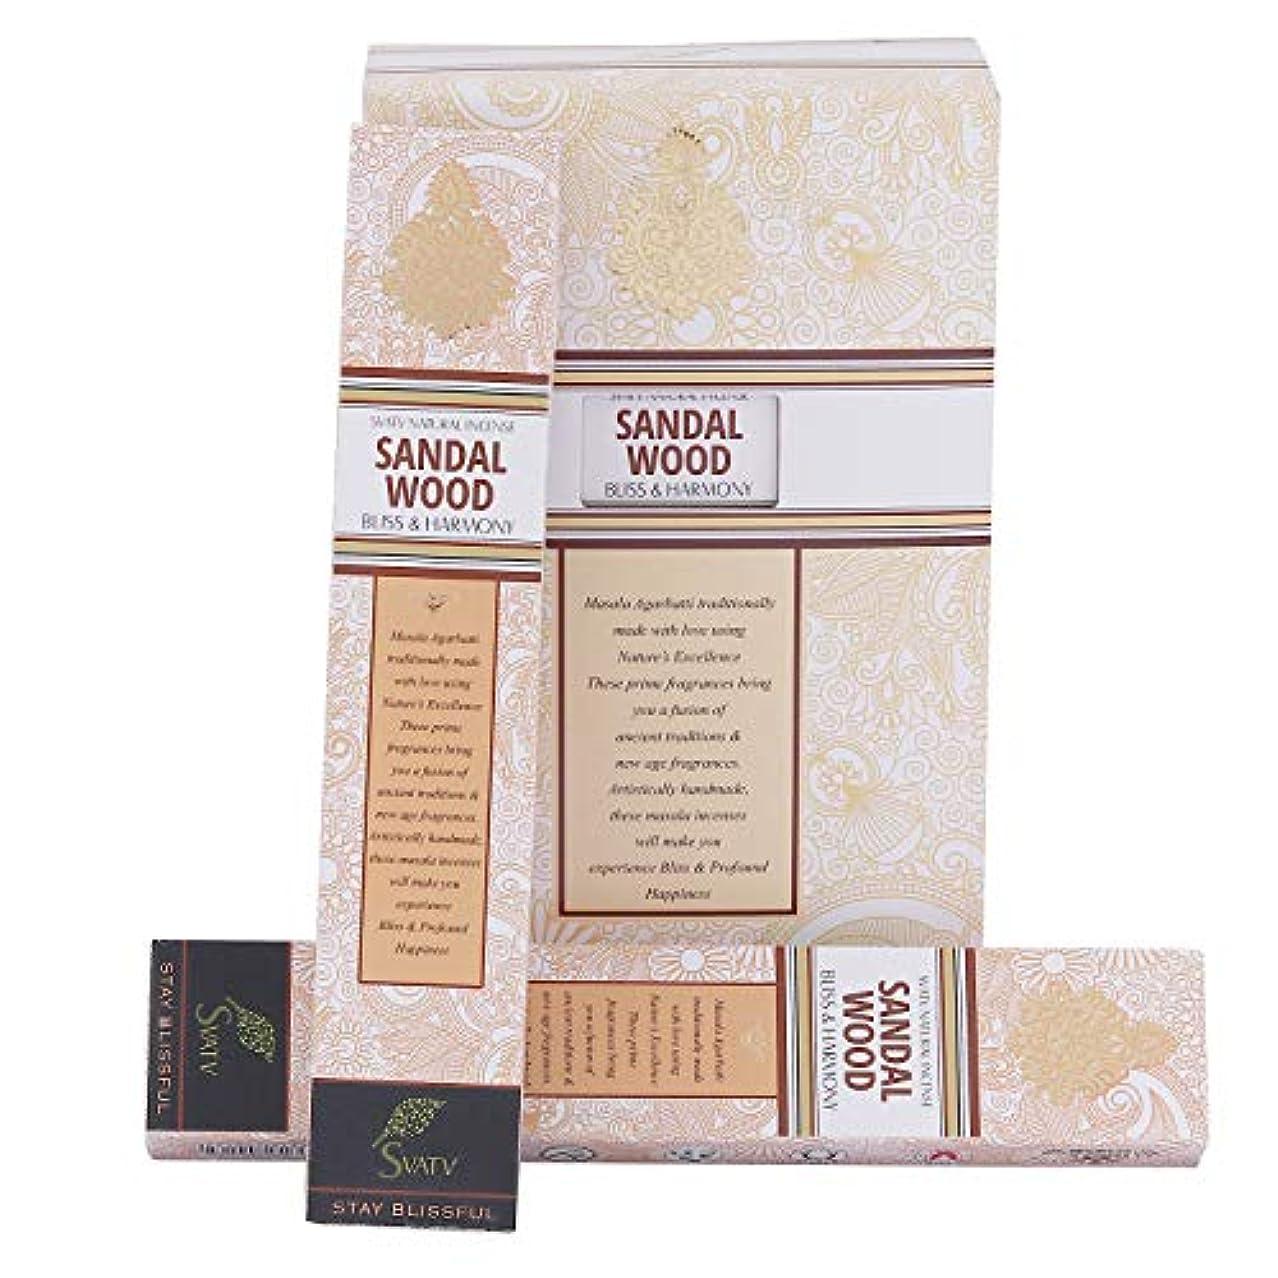 ローラータイマーシガレットSVATV Sandalwood :: Hand Rolled Masala Incense Stick Made in India 15g Pack Of 2